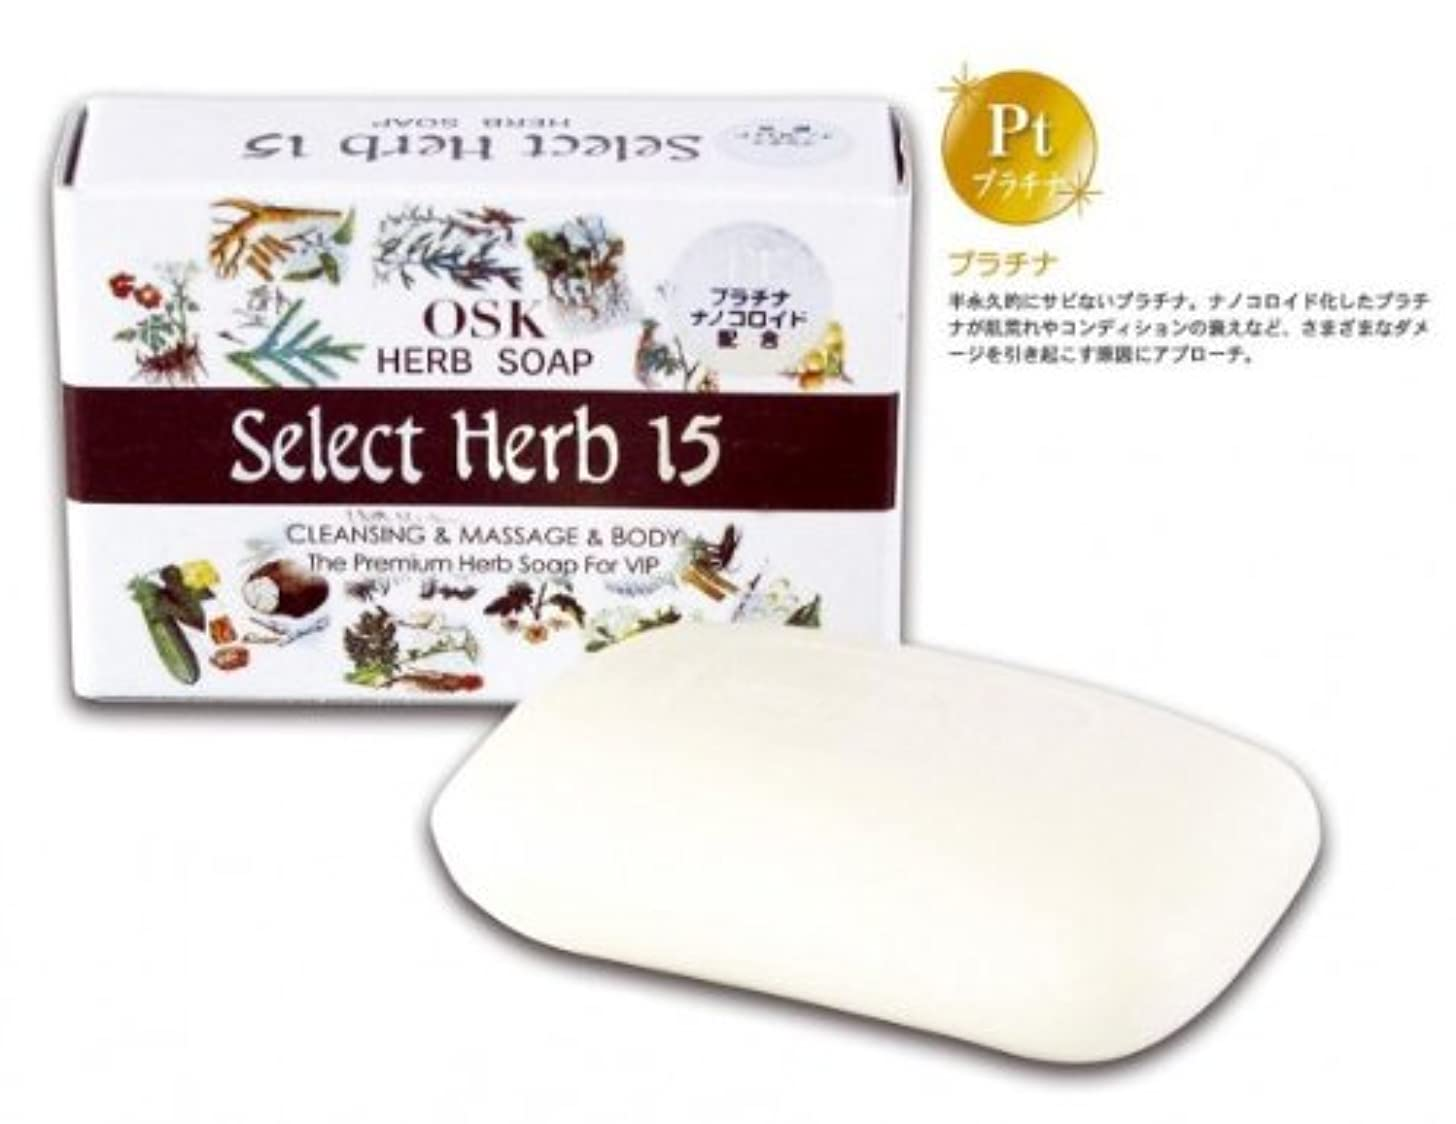 パッケージ不規則性マークダウンNEW OSK SOAP SelectHerb15(ニューオーエスケーソープセレクトハーブ15)135g